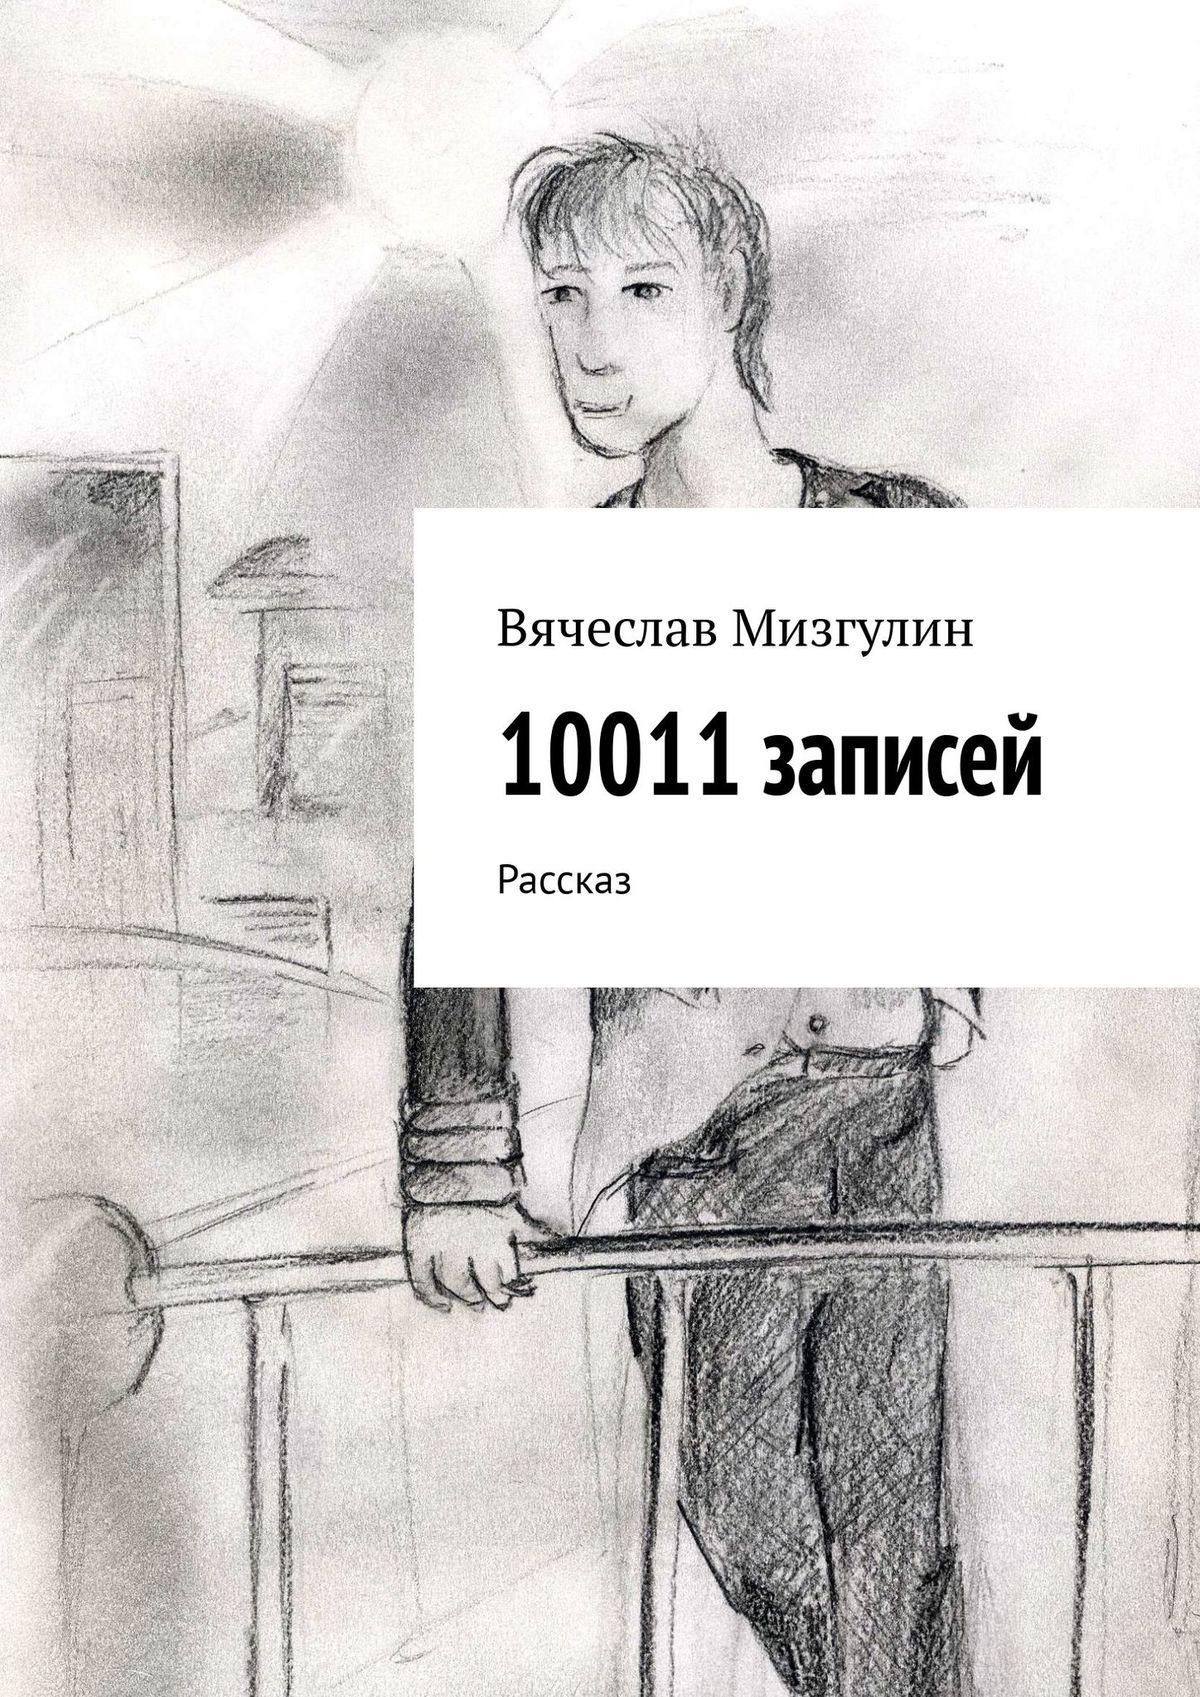 10011записей. Рассказ